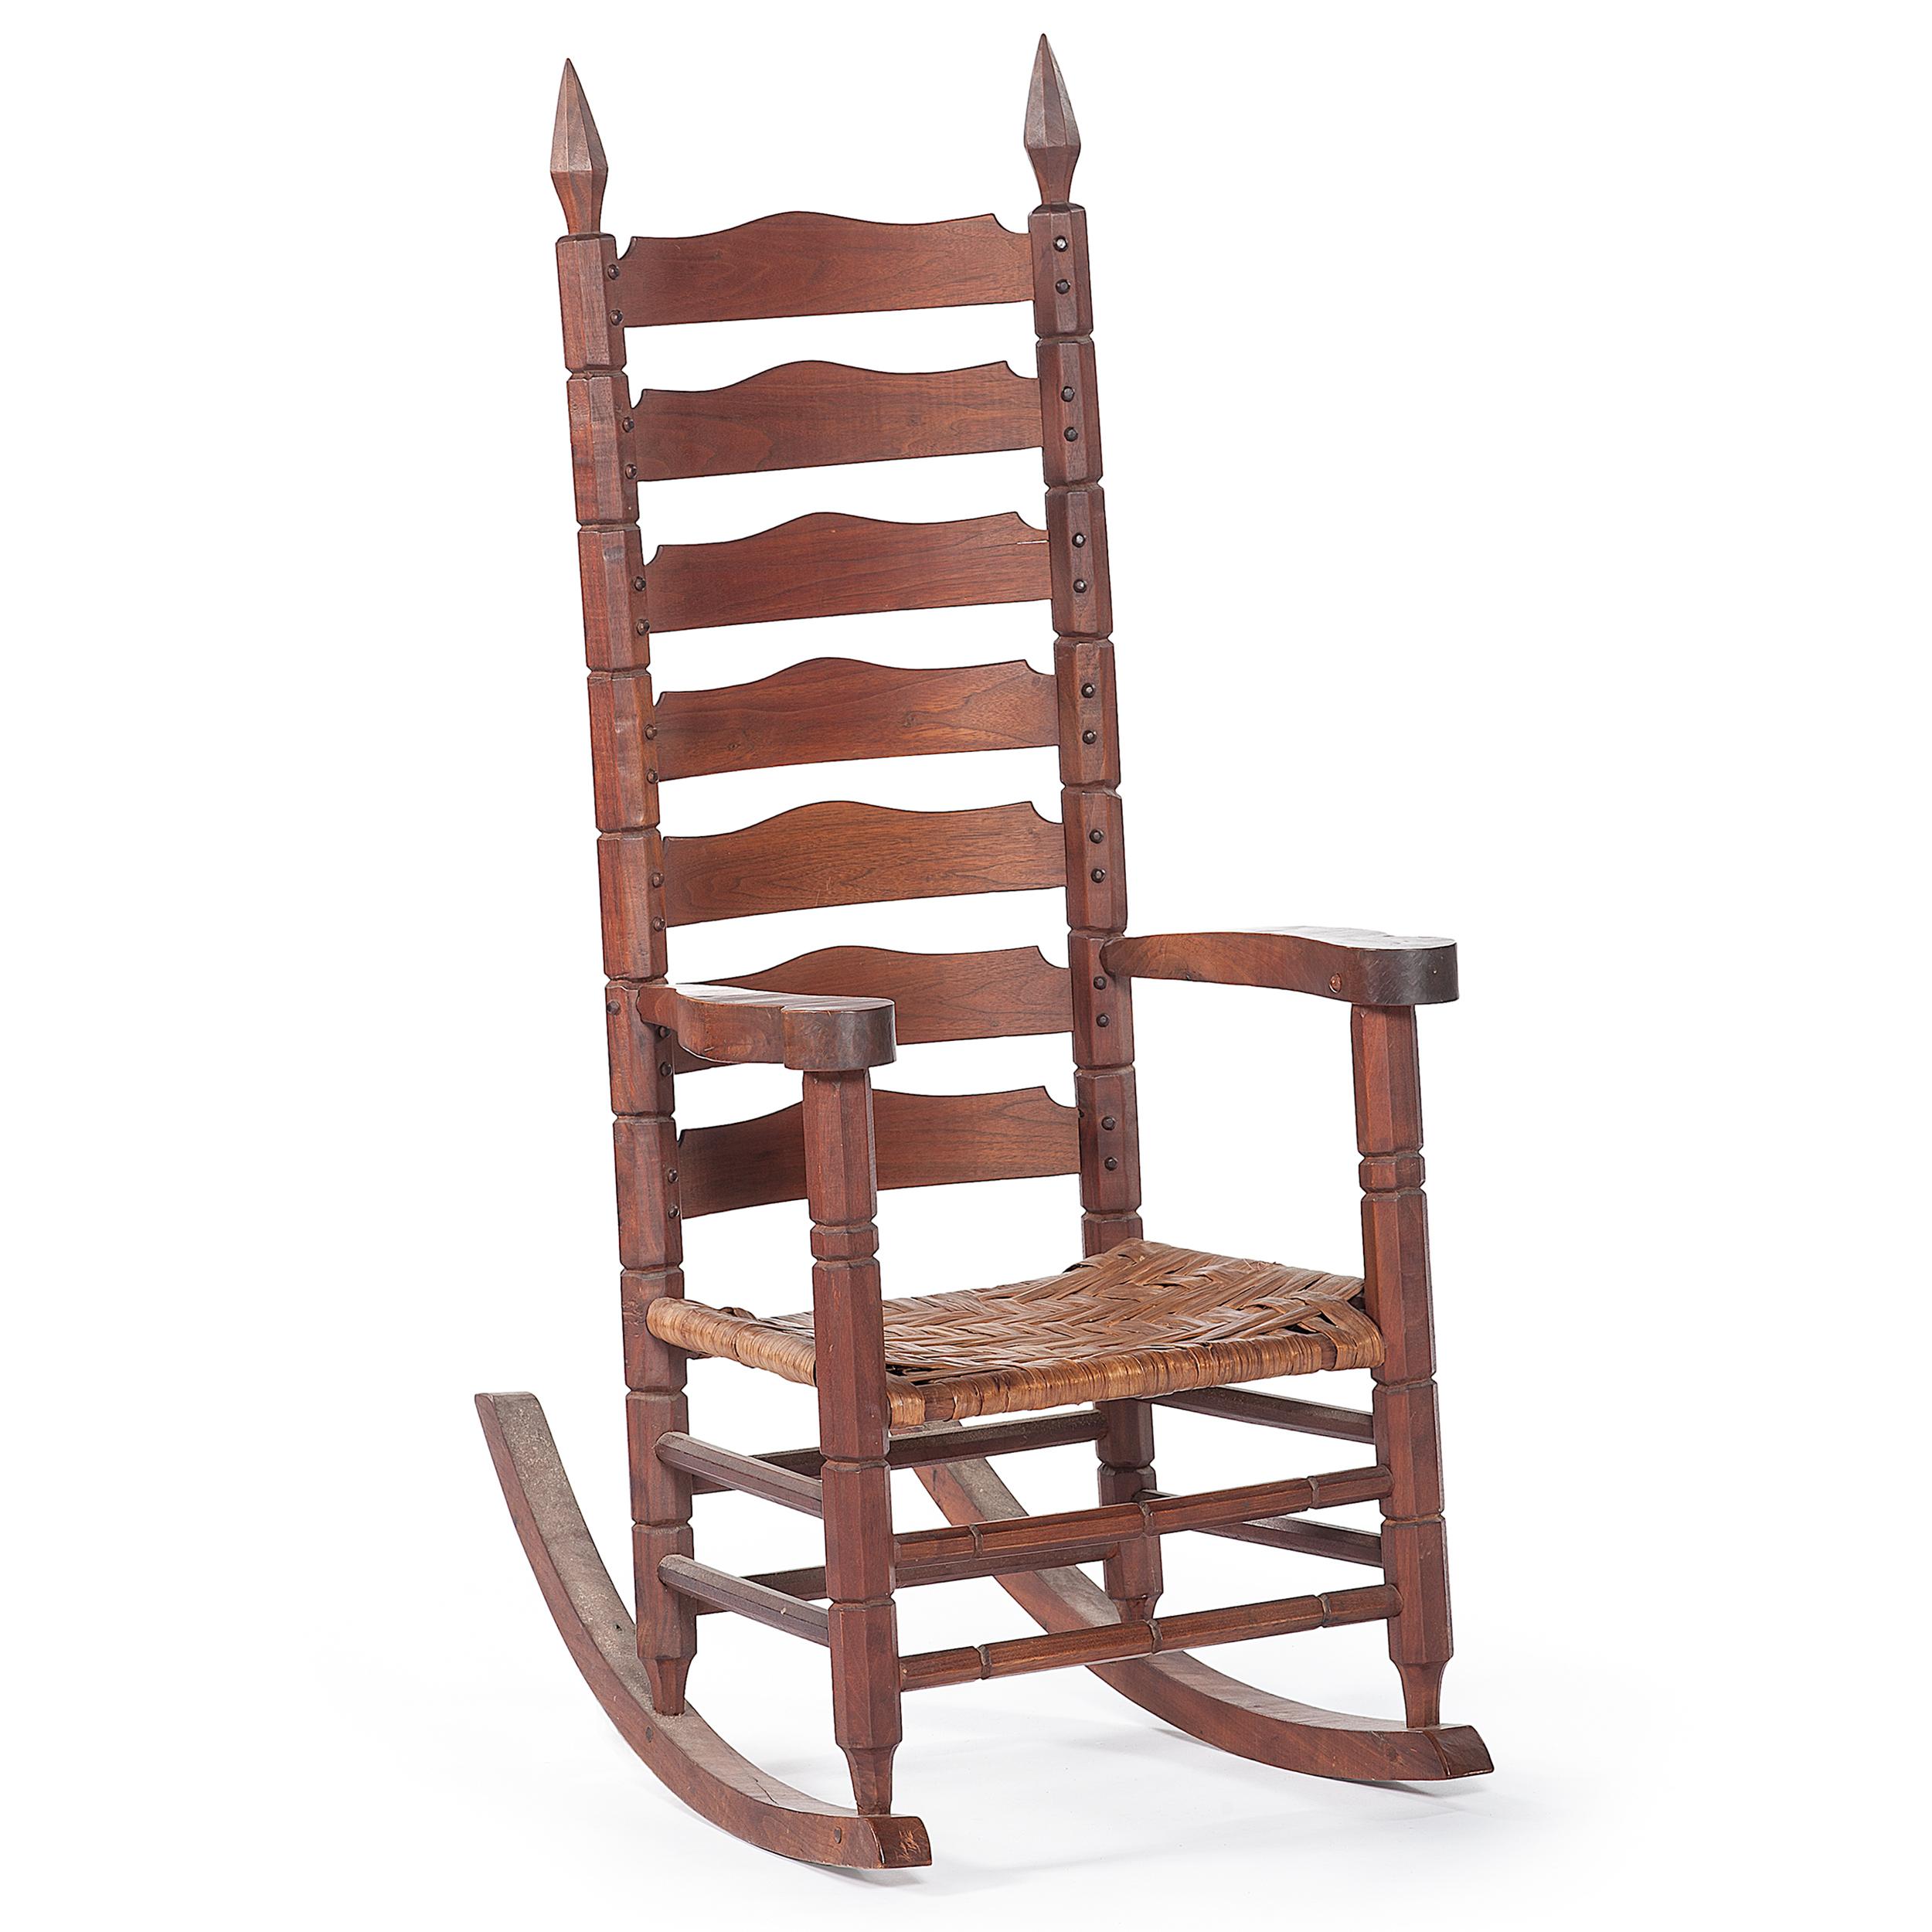 Superb Chester Cornett Folk Art Rocking Chair Cowans Auction Beatyapartments Chair Design Images Beatyapartmentscom